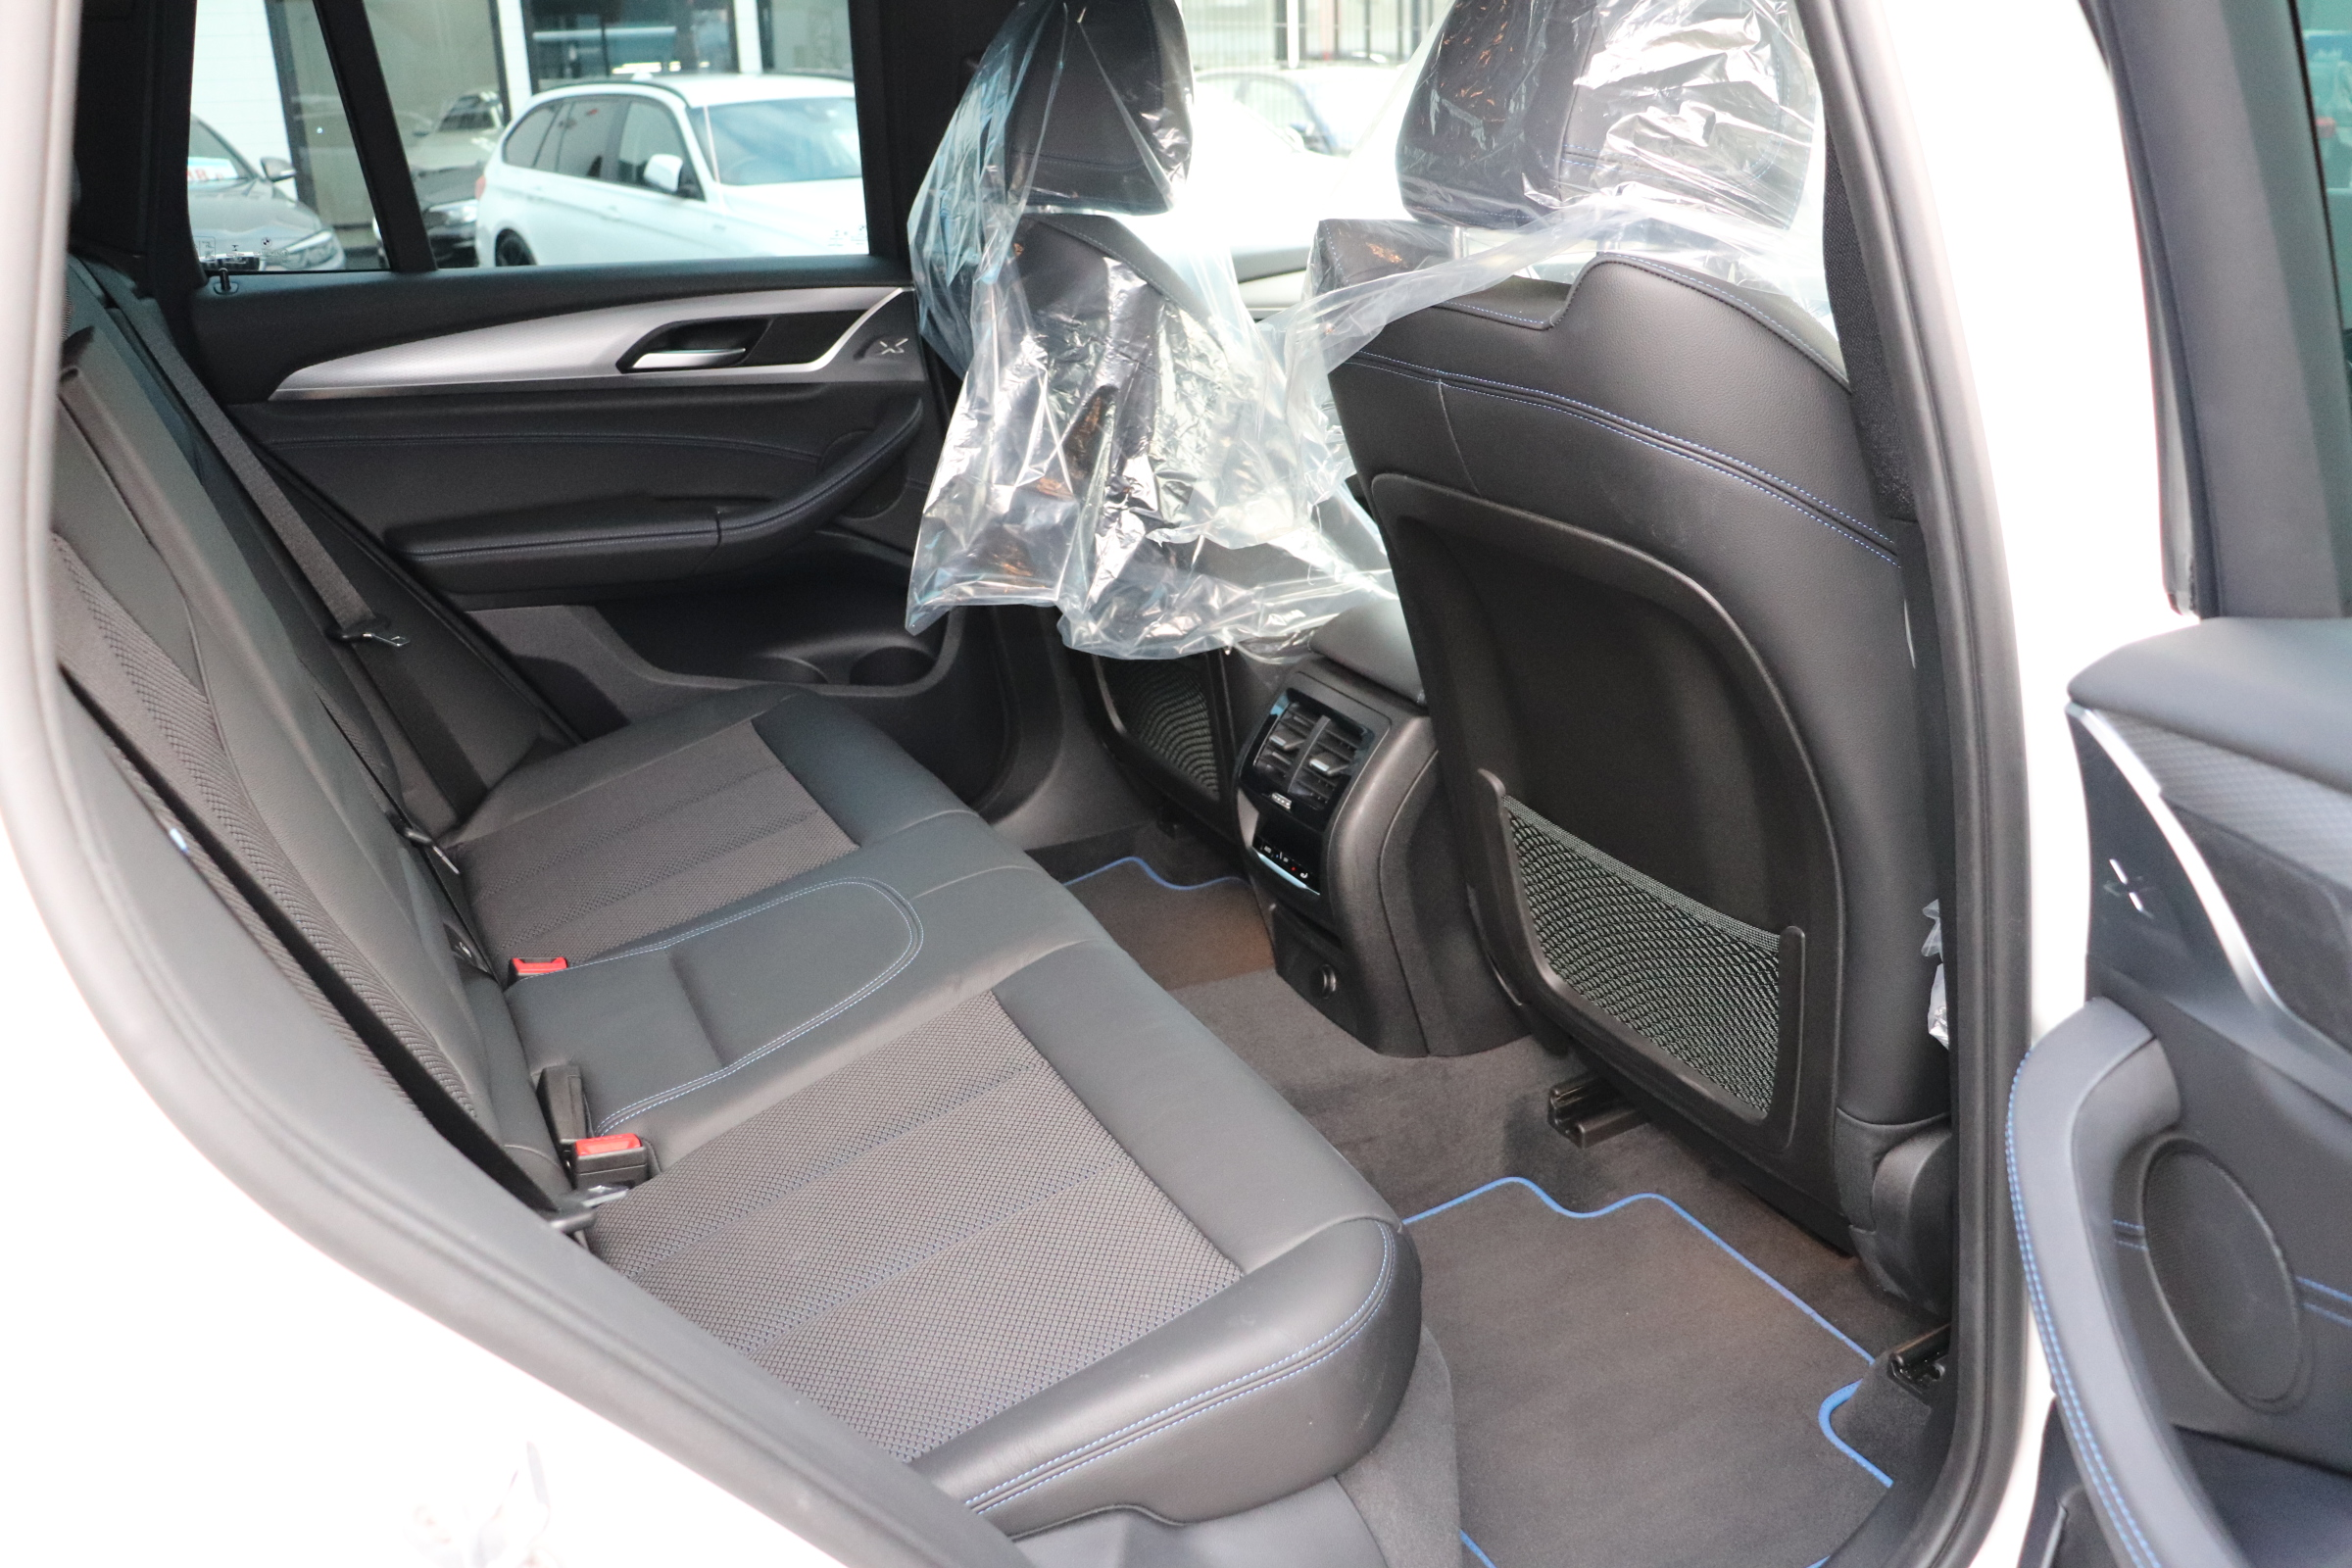 X3 xドライブ 20d Mスポーツ ワンオーナー HUD オプション20インチAW車両画像12